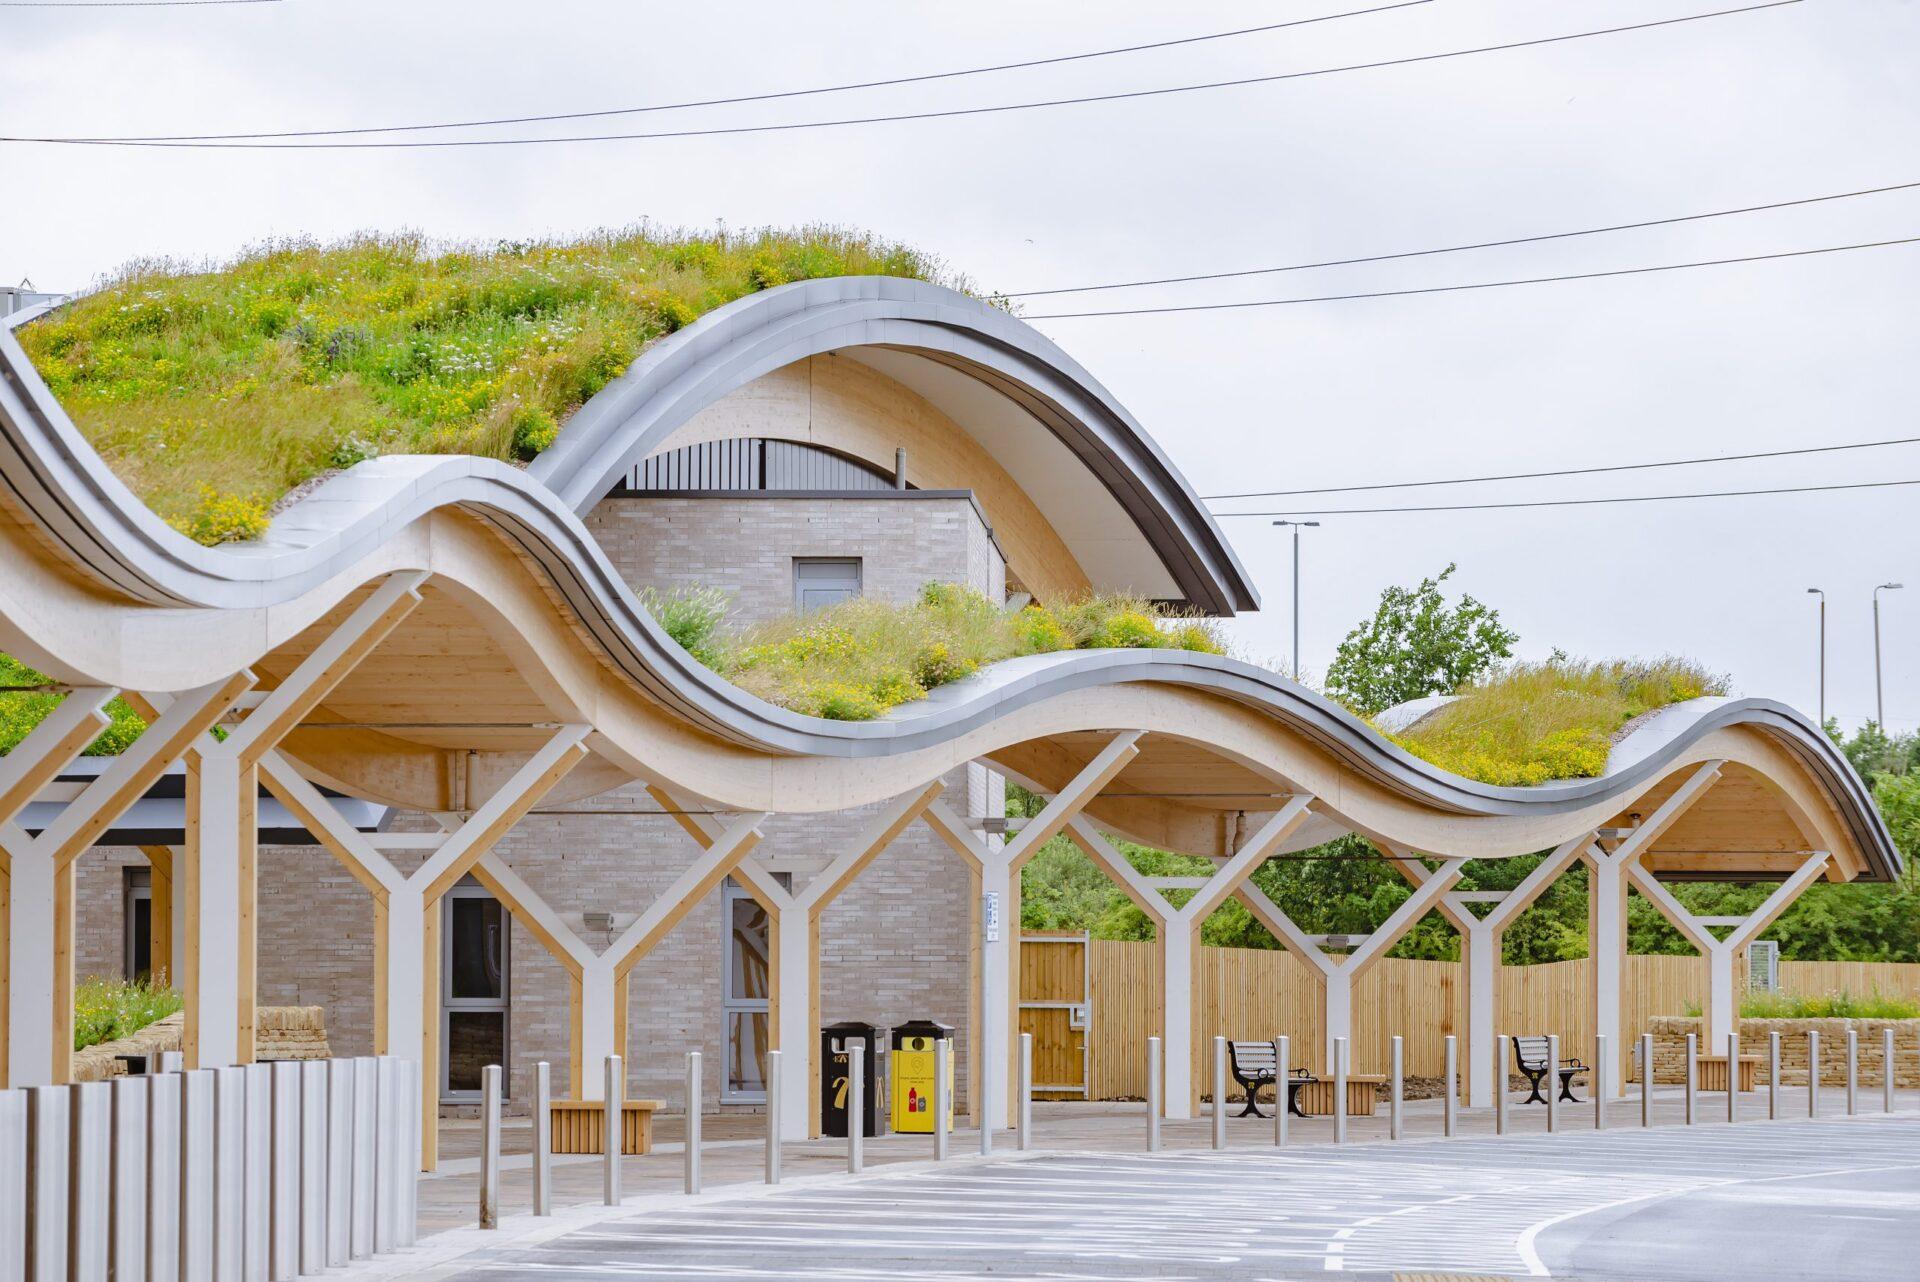 Un nou concepte d'àrea de servei d'autopista: acollidora i sostenible gràcies a la fusta certificada PEFC